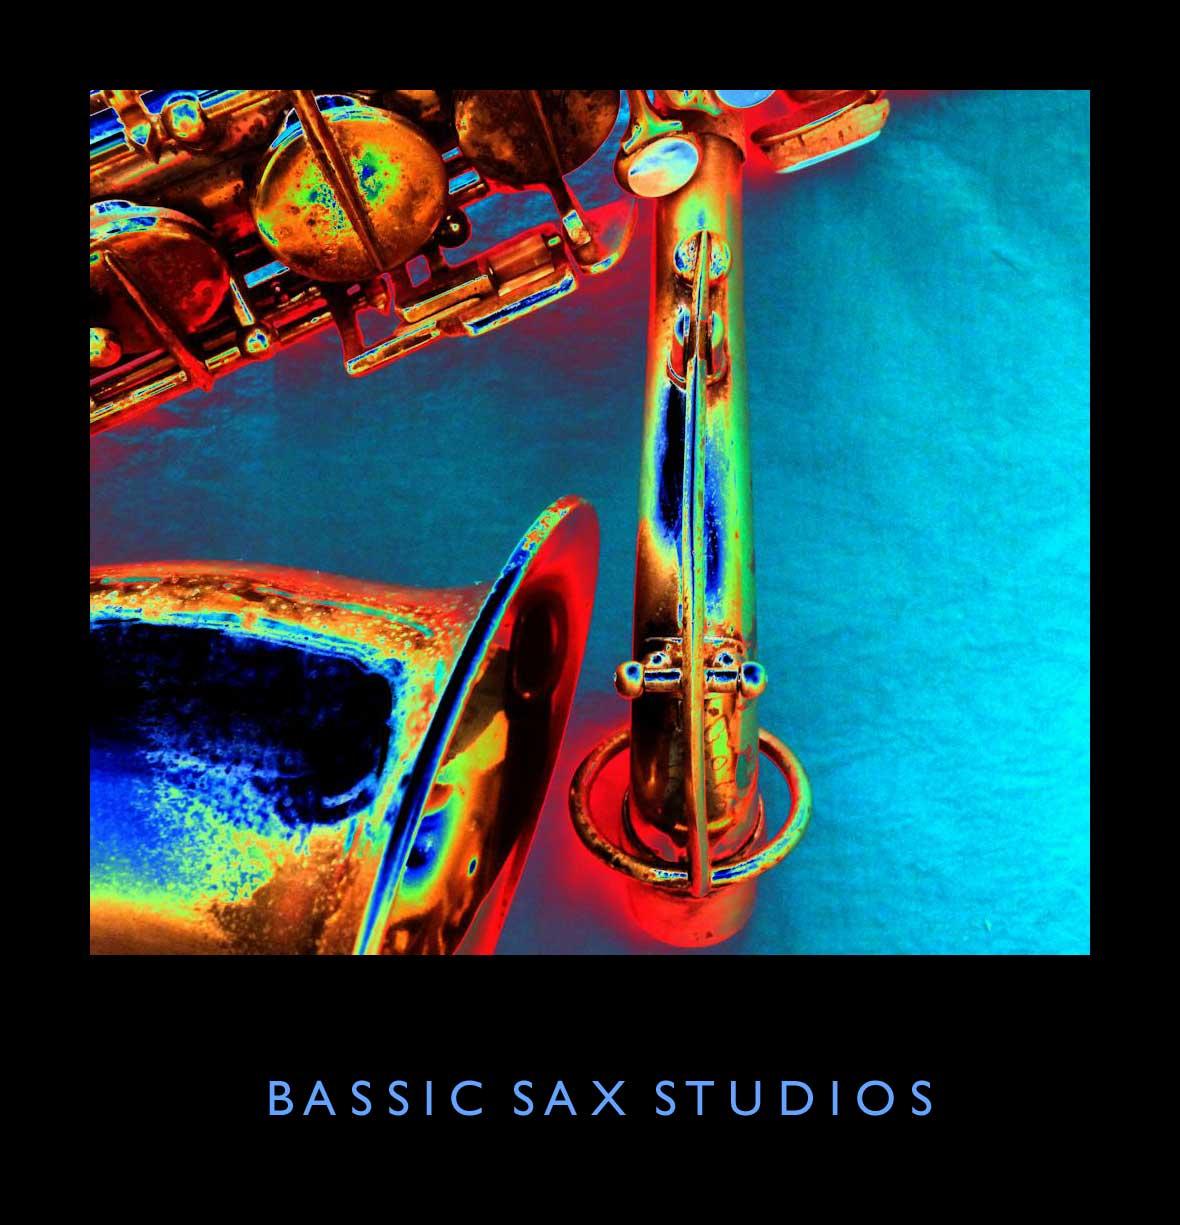 J.R. La Fleur & Son, alto saxophone, Vintage, British, photo effects,